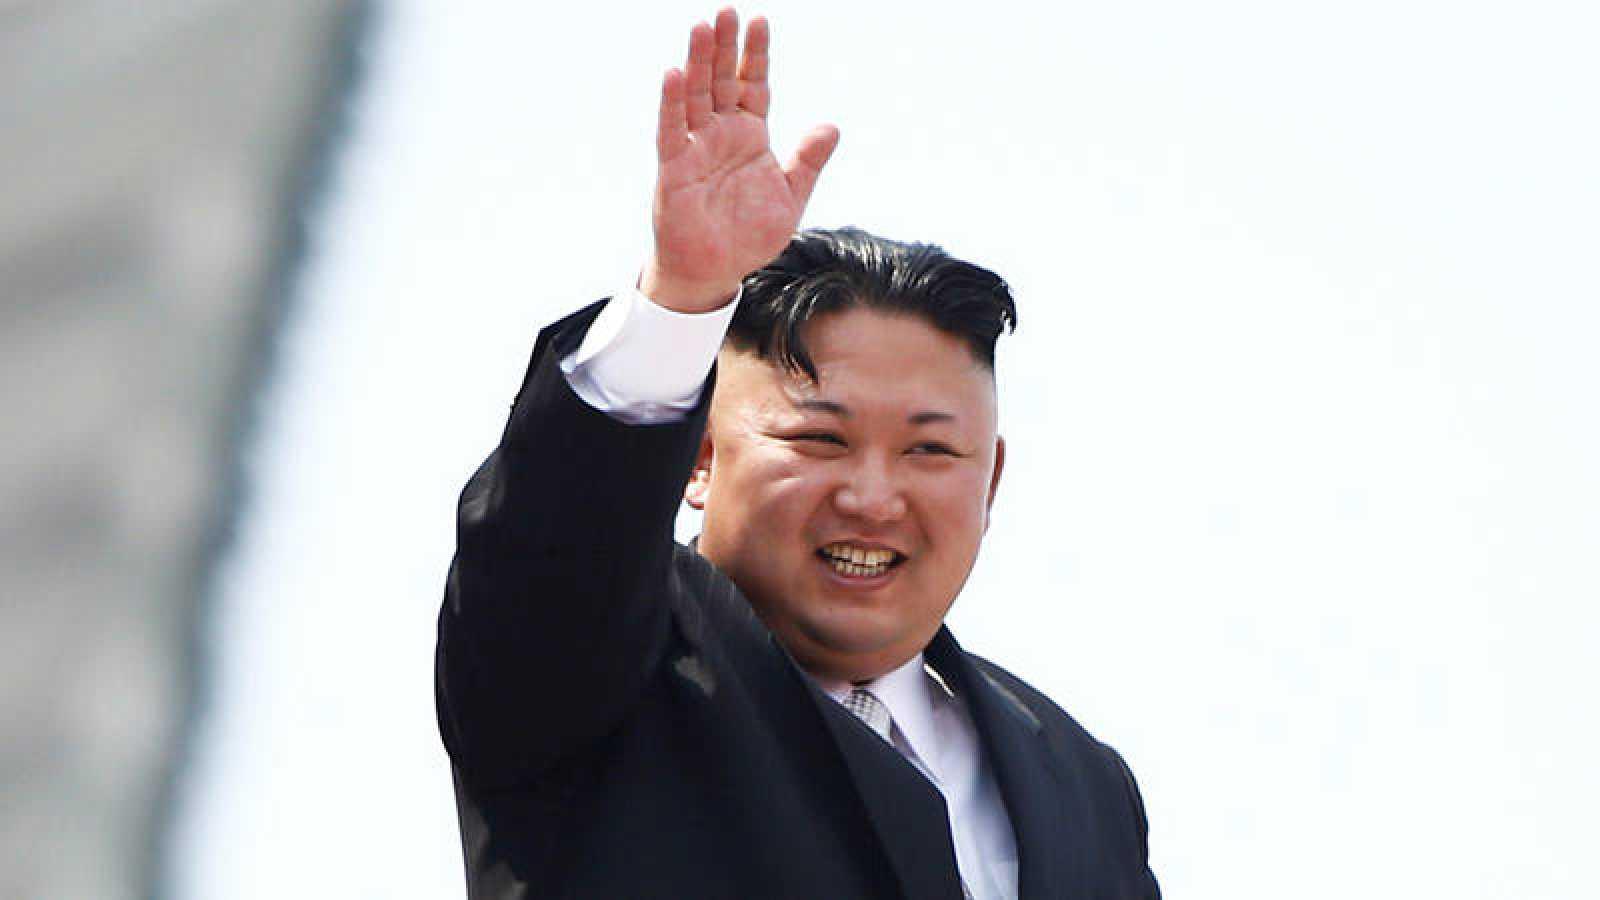 El líder norcoreano Kim Jong-un en una imagen de archivo